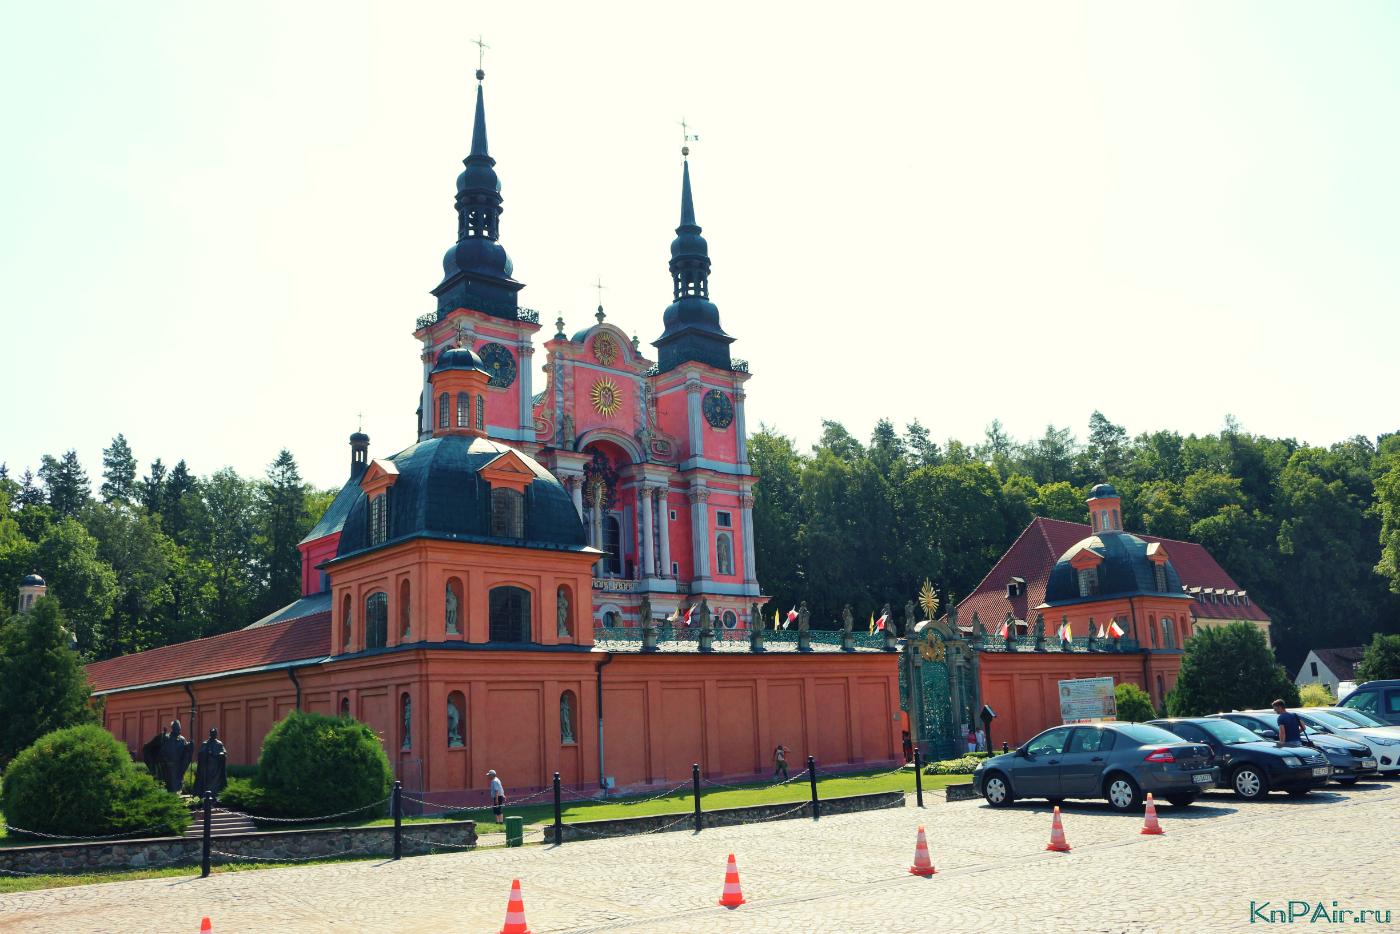 samyi-krasivyi-hram-v-stile-baroko